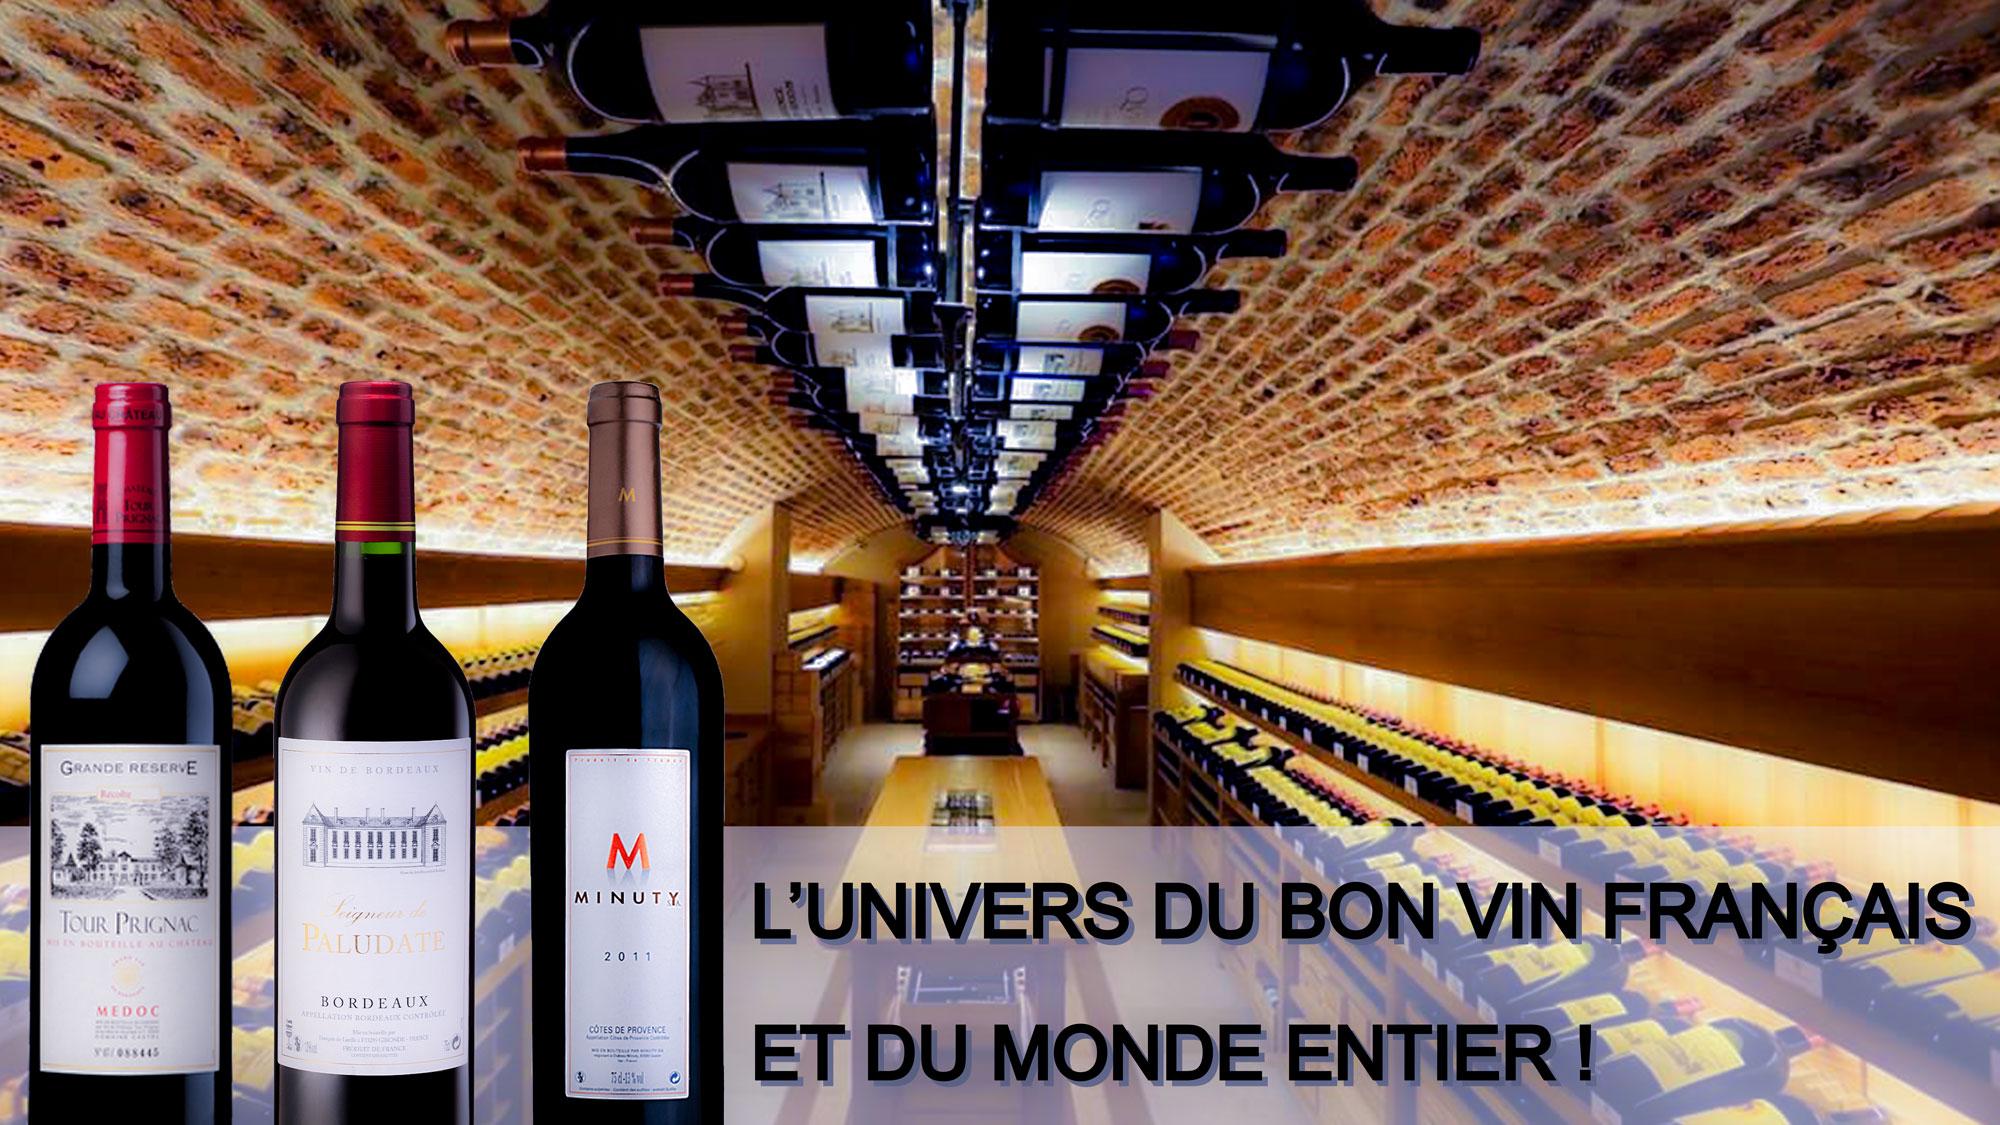 Les meilleurs vins à pris discount...